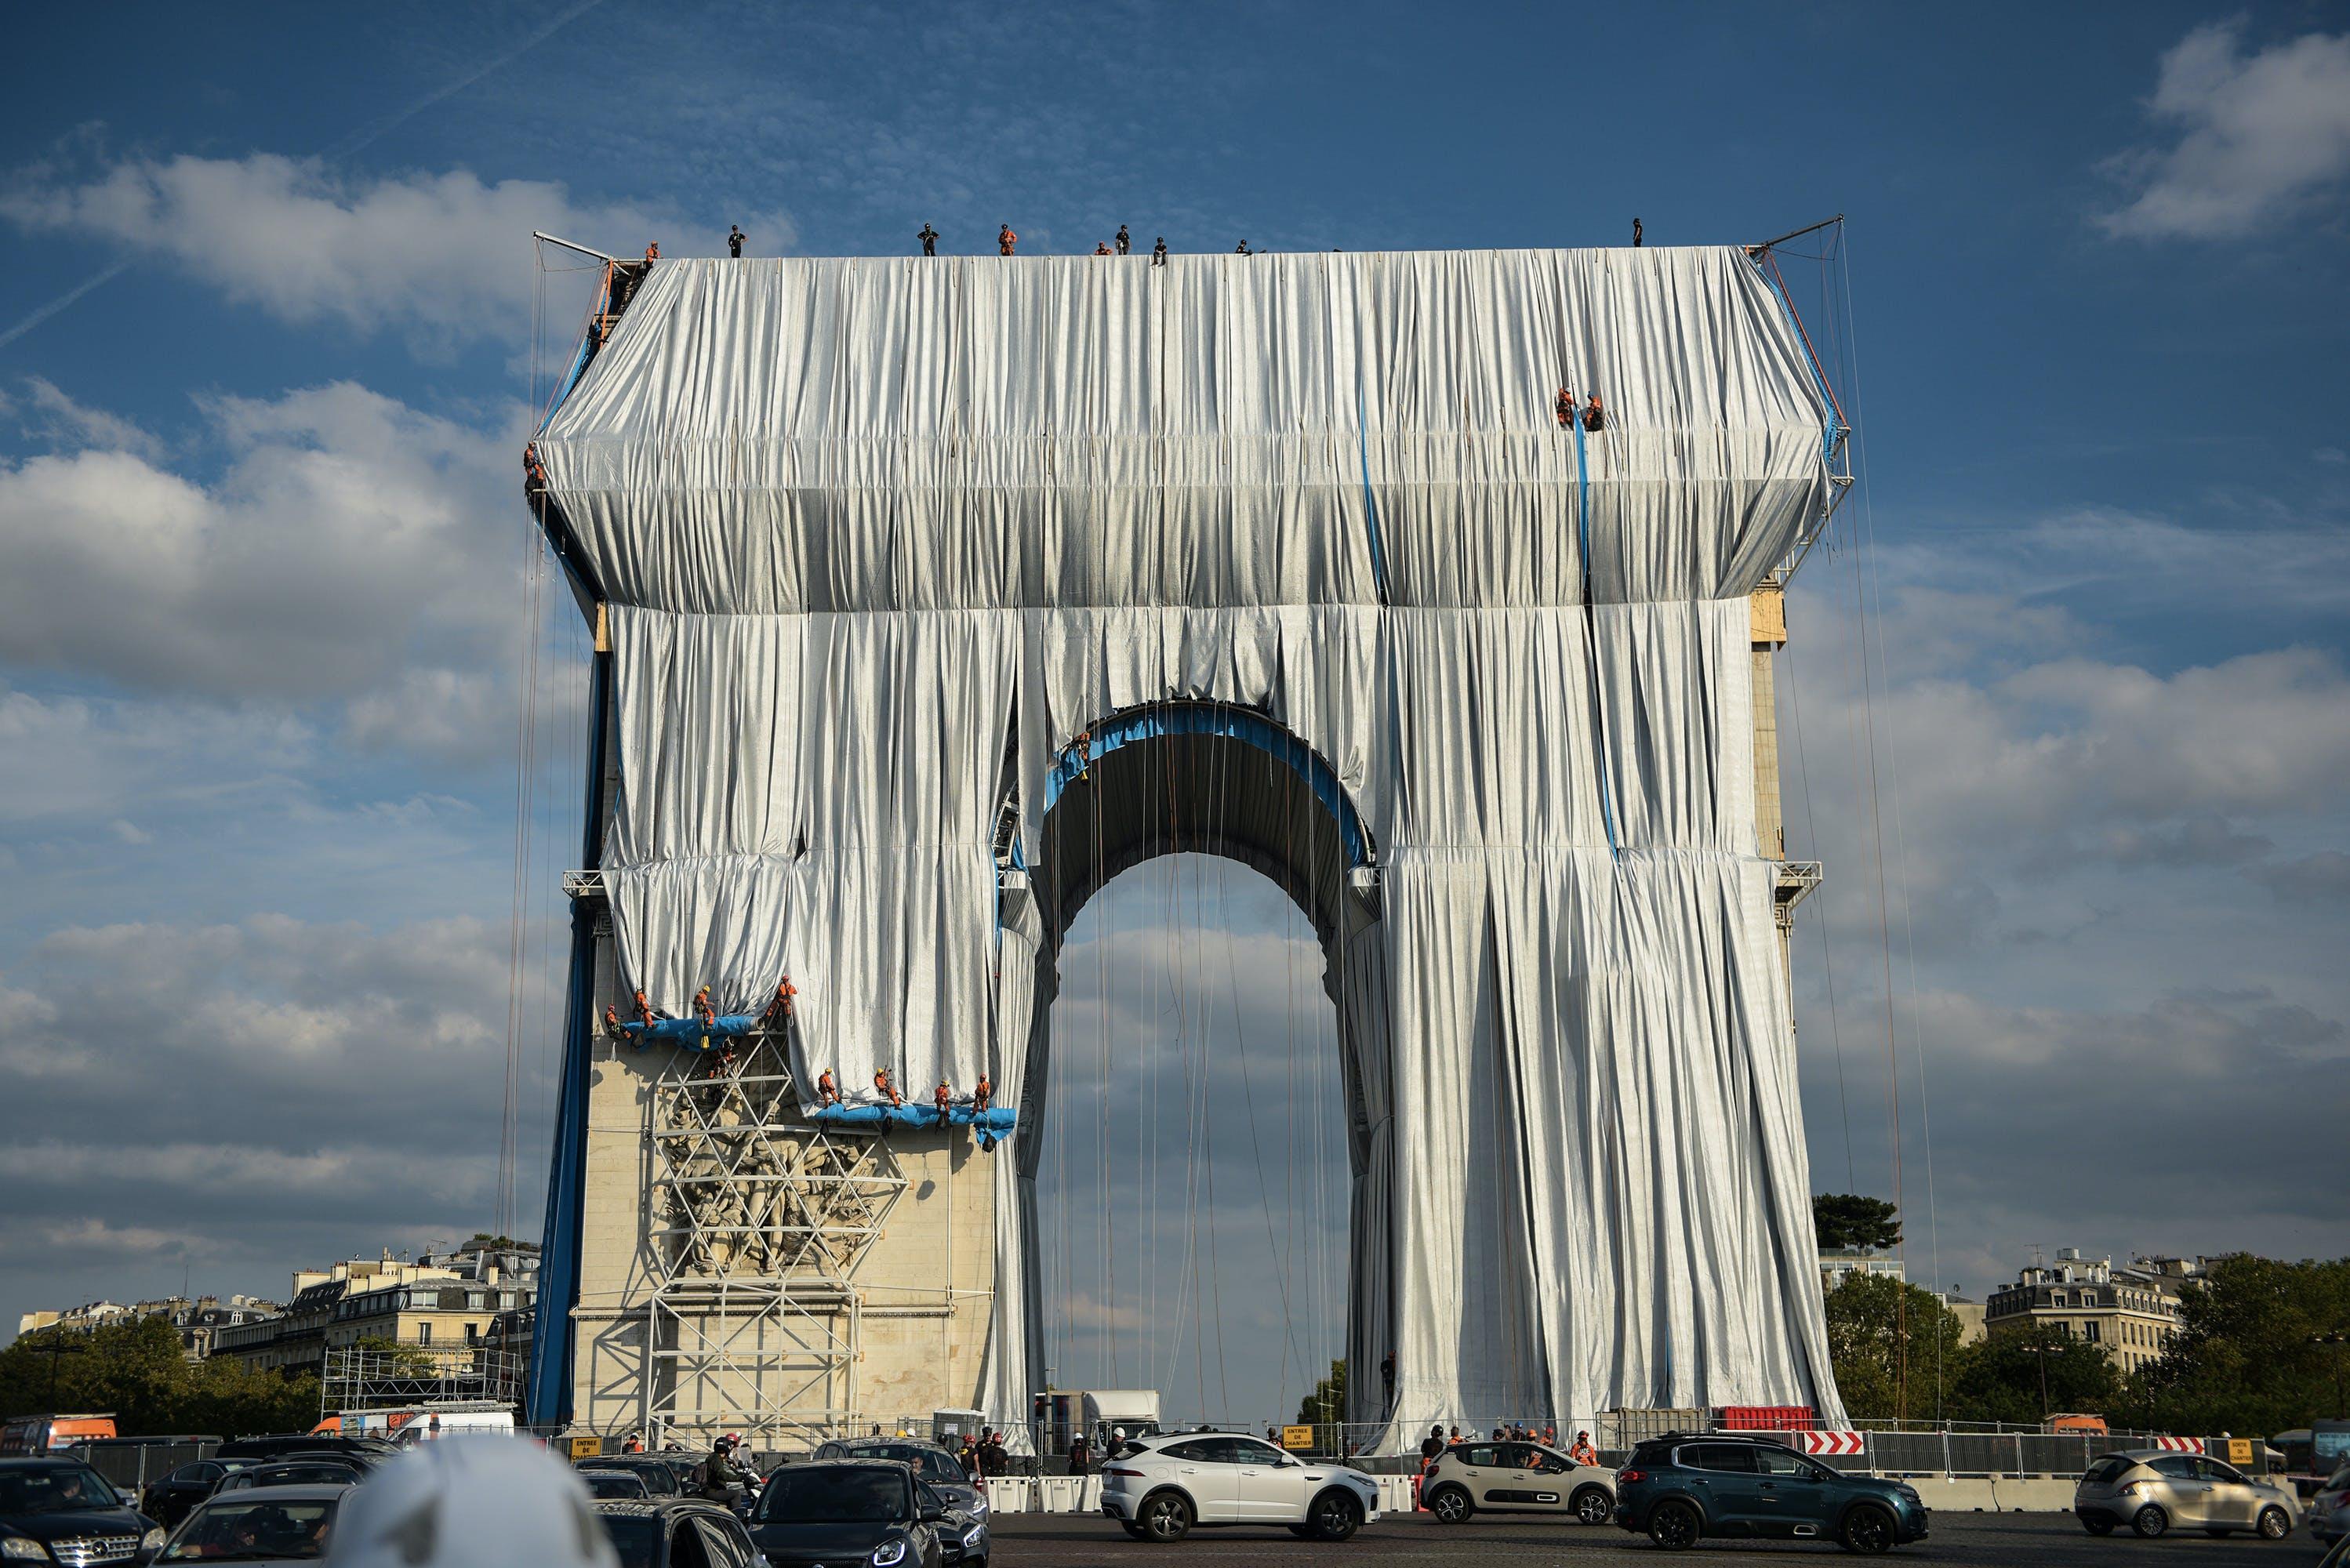 Christo (Posthumous), L'Arc de Triomphe, Wrapped, 2021, Paris, France. Photo by Benjamin Loyseau.